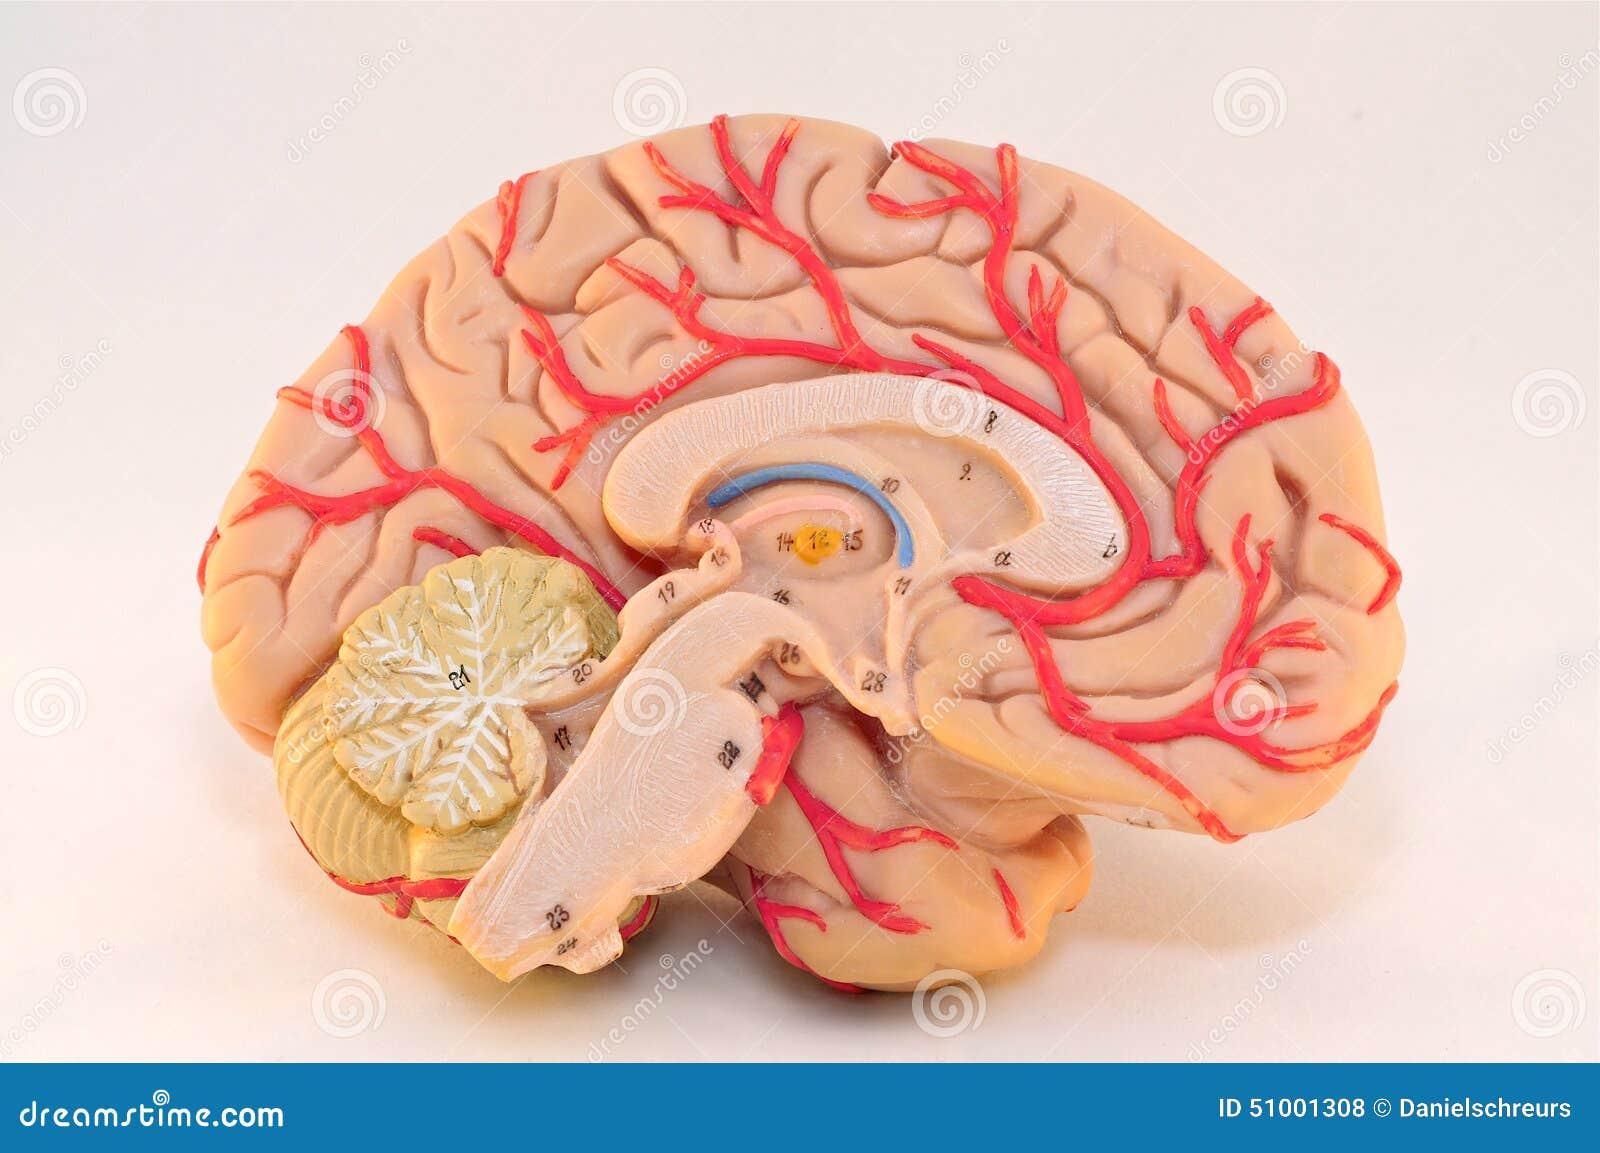 Modelo Humano De La Anatomía Del Hemisferio Cerebral (visión ...